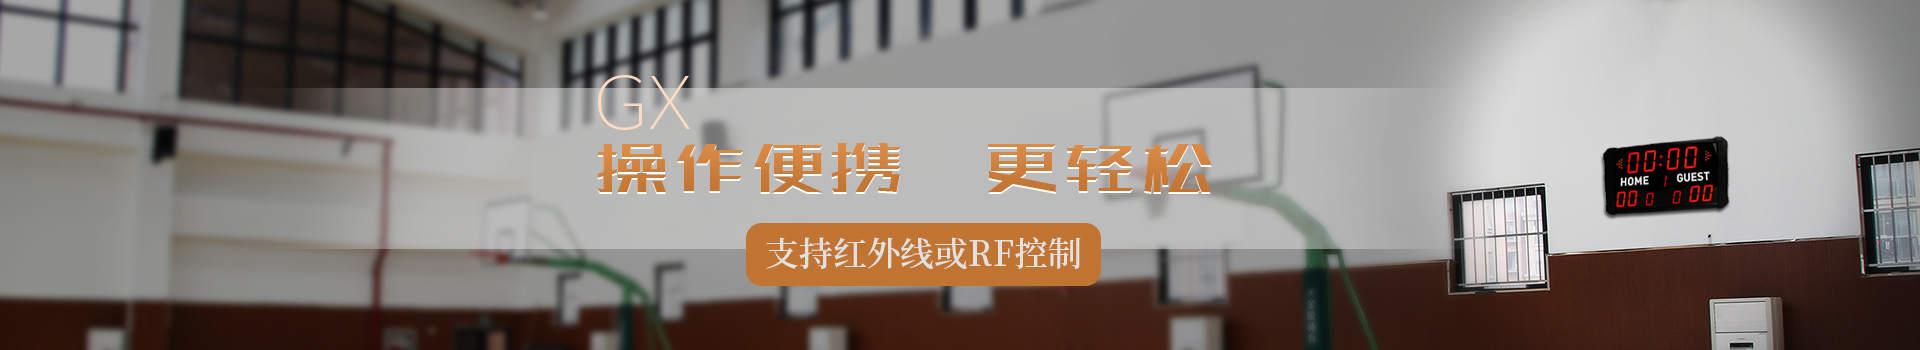 璧i���靛������绾㈠�绾挎��RF�ユ�ф�у�讹���浣�渚挎�锋�磋交��